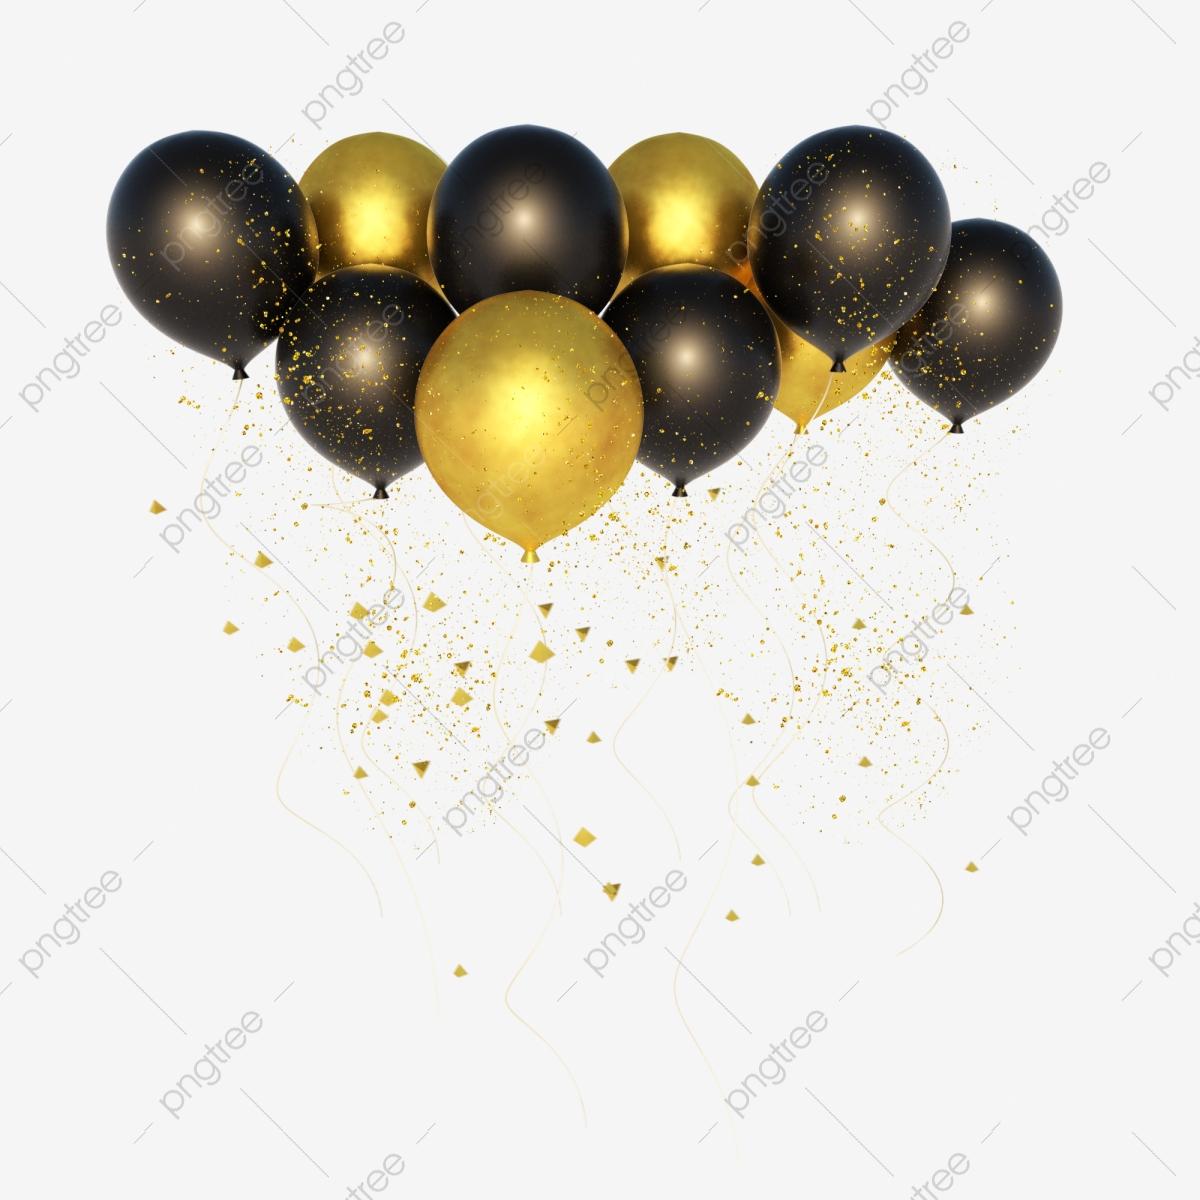 Gold Balloon Finance, Balloon Clipart, Golden, Balloon PNG.